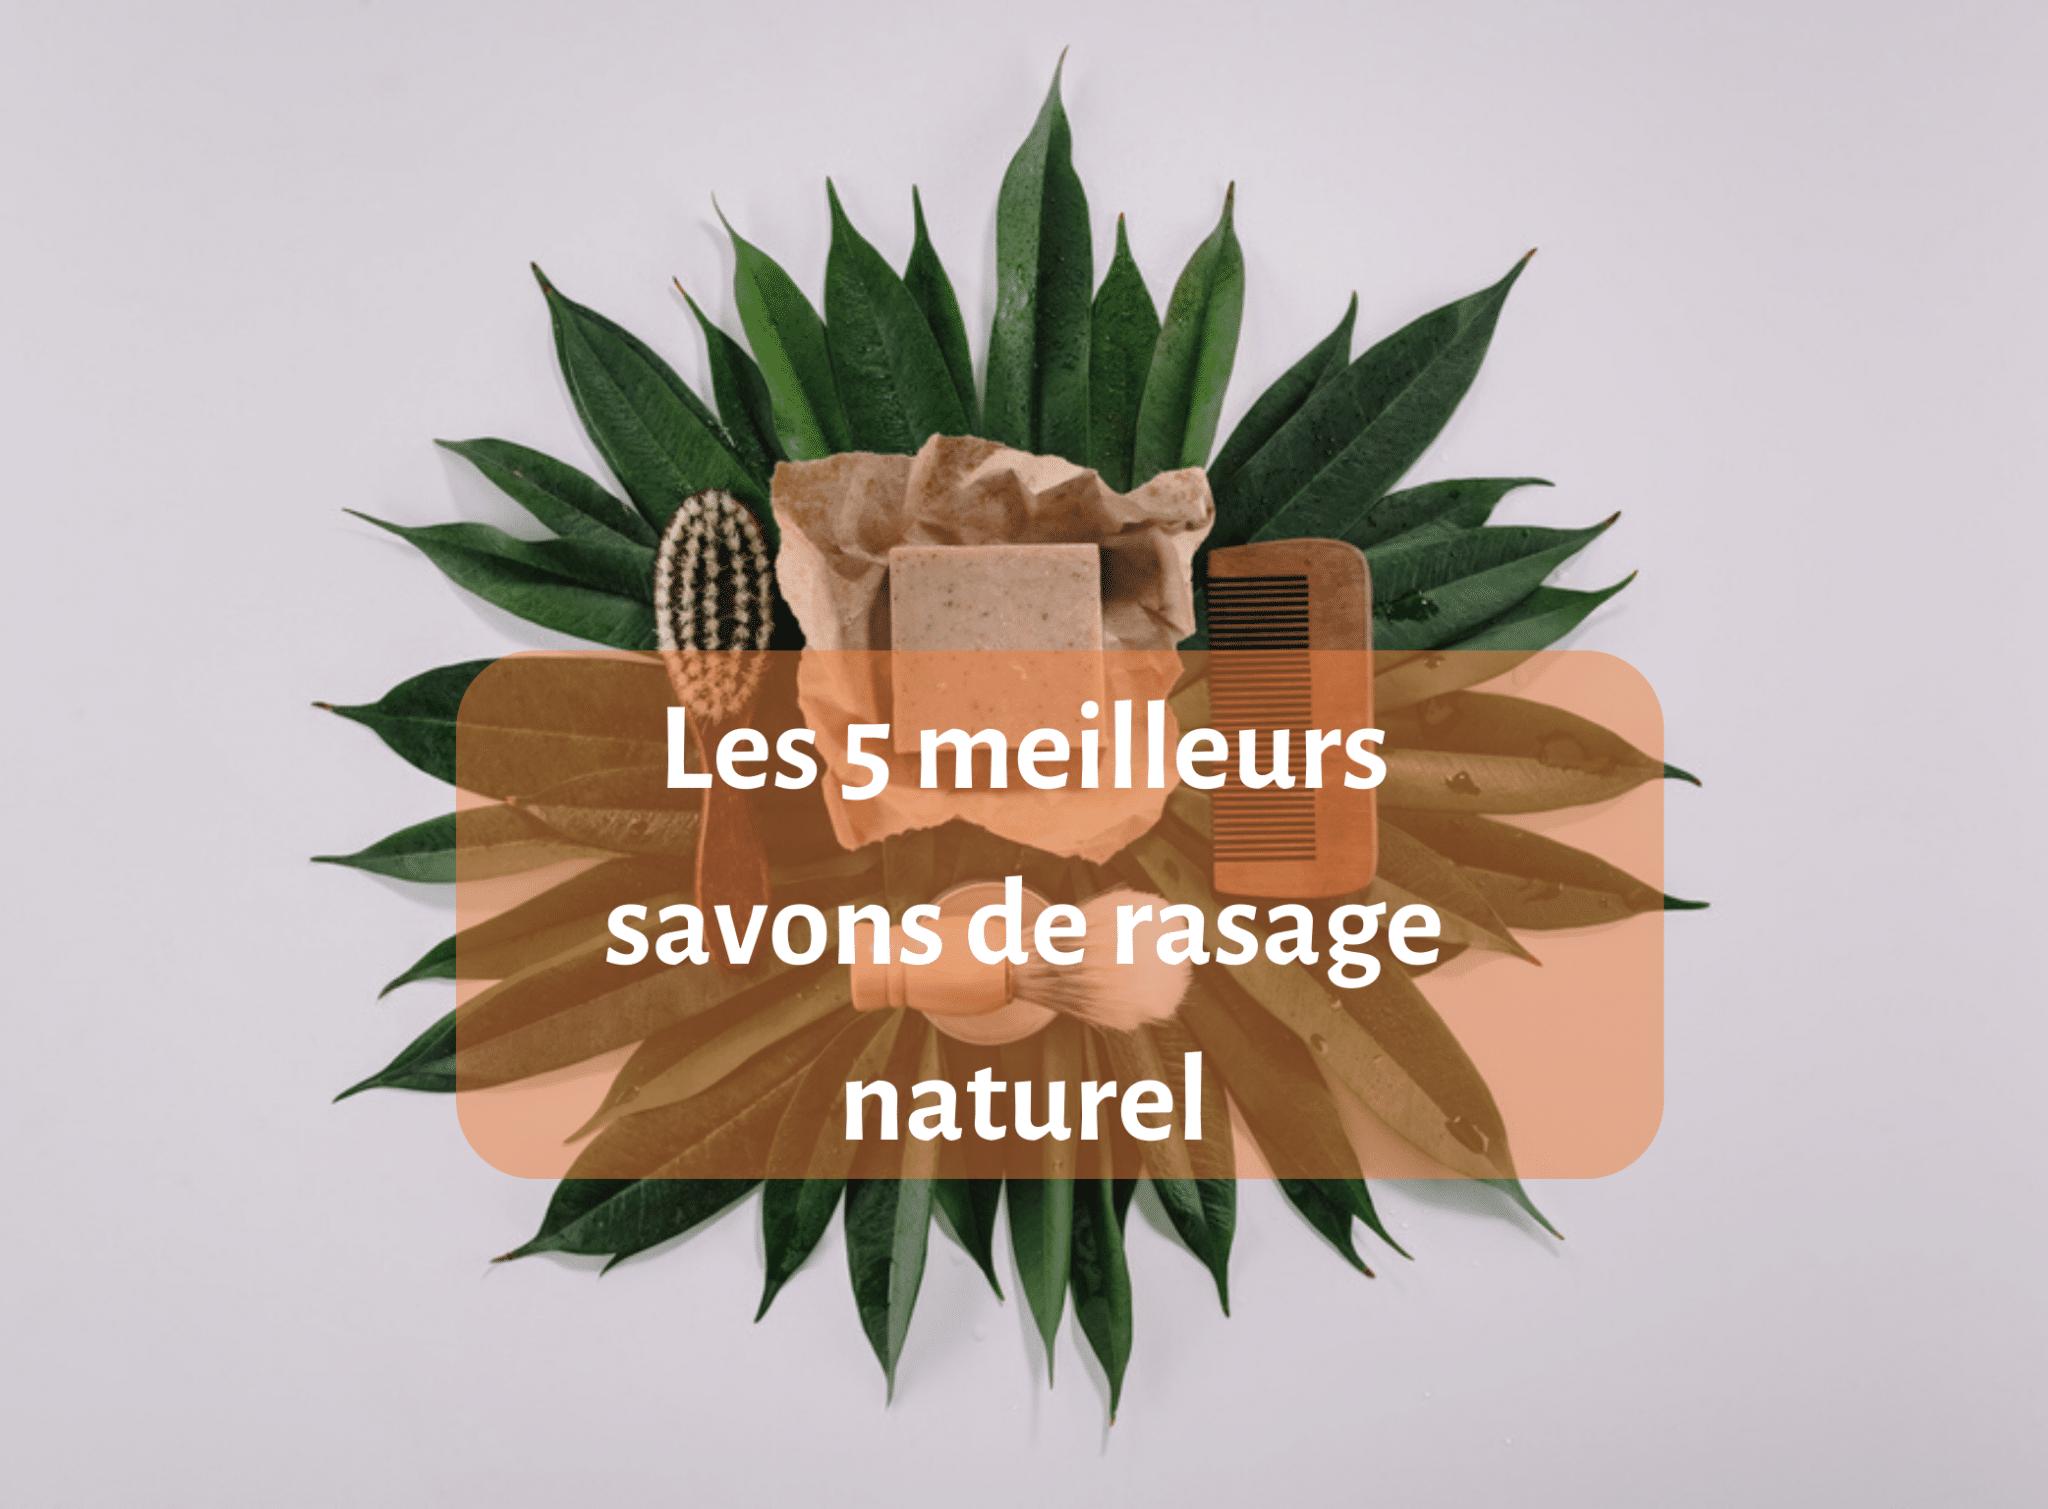 savon de rasage - savon - guide - Les 5 meilleurs savons de rasage naturel - natura bon